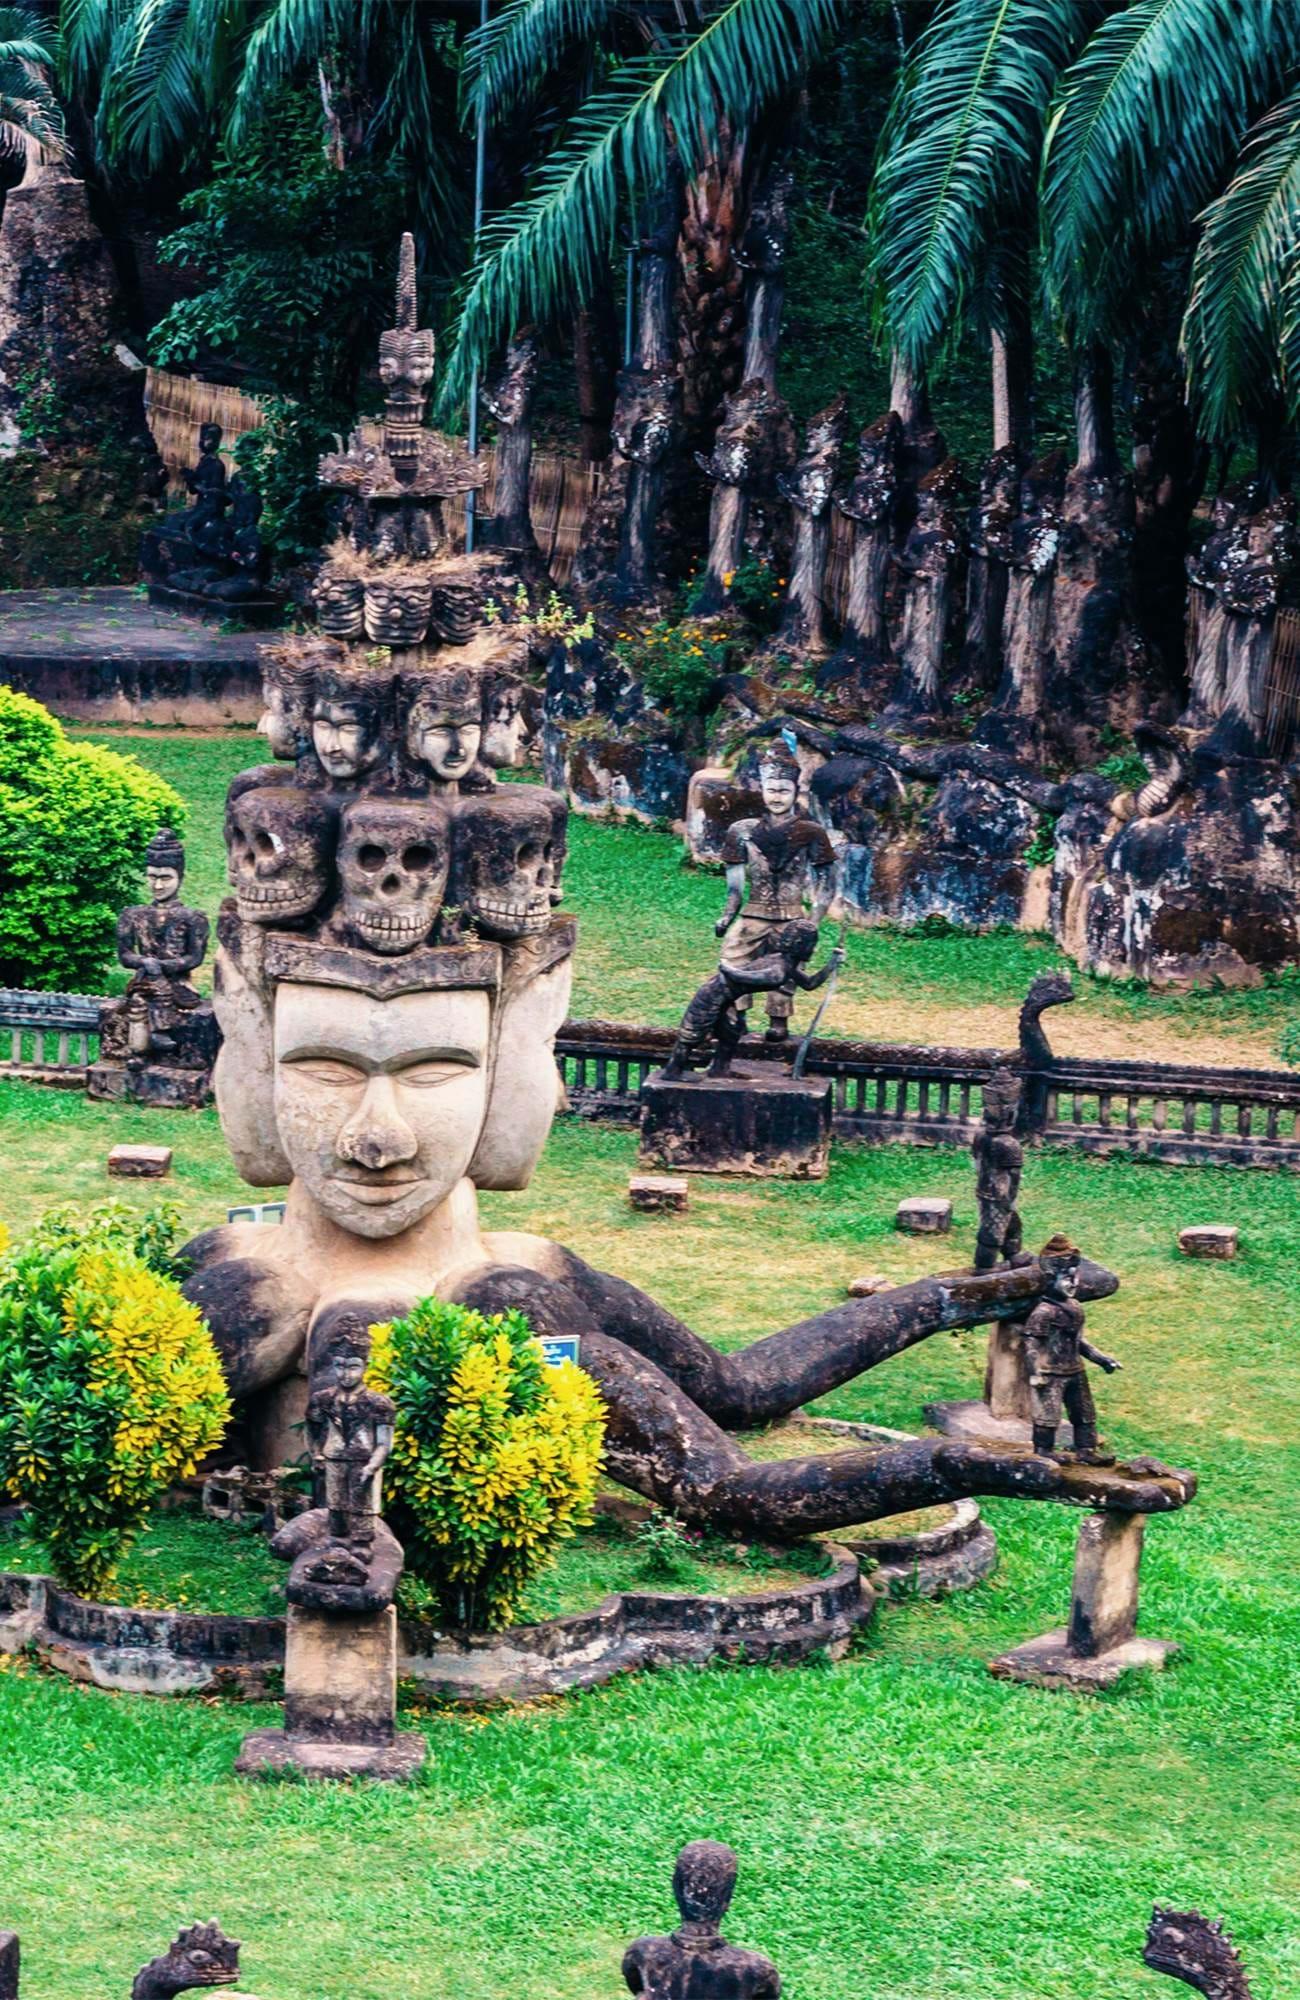 Laosin Pääkaupunki